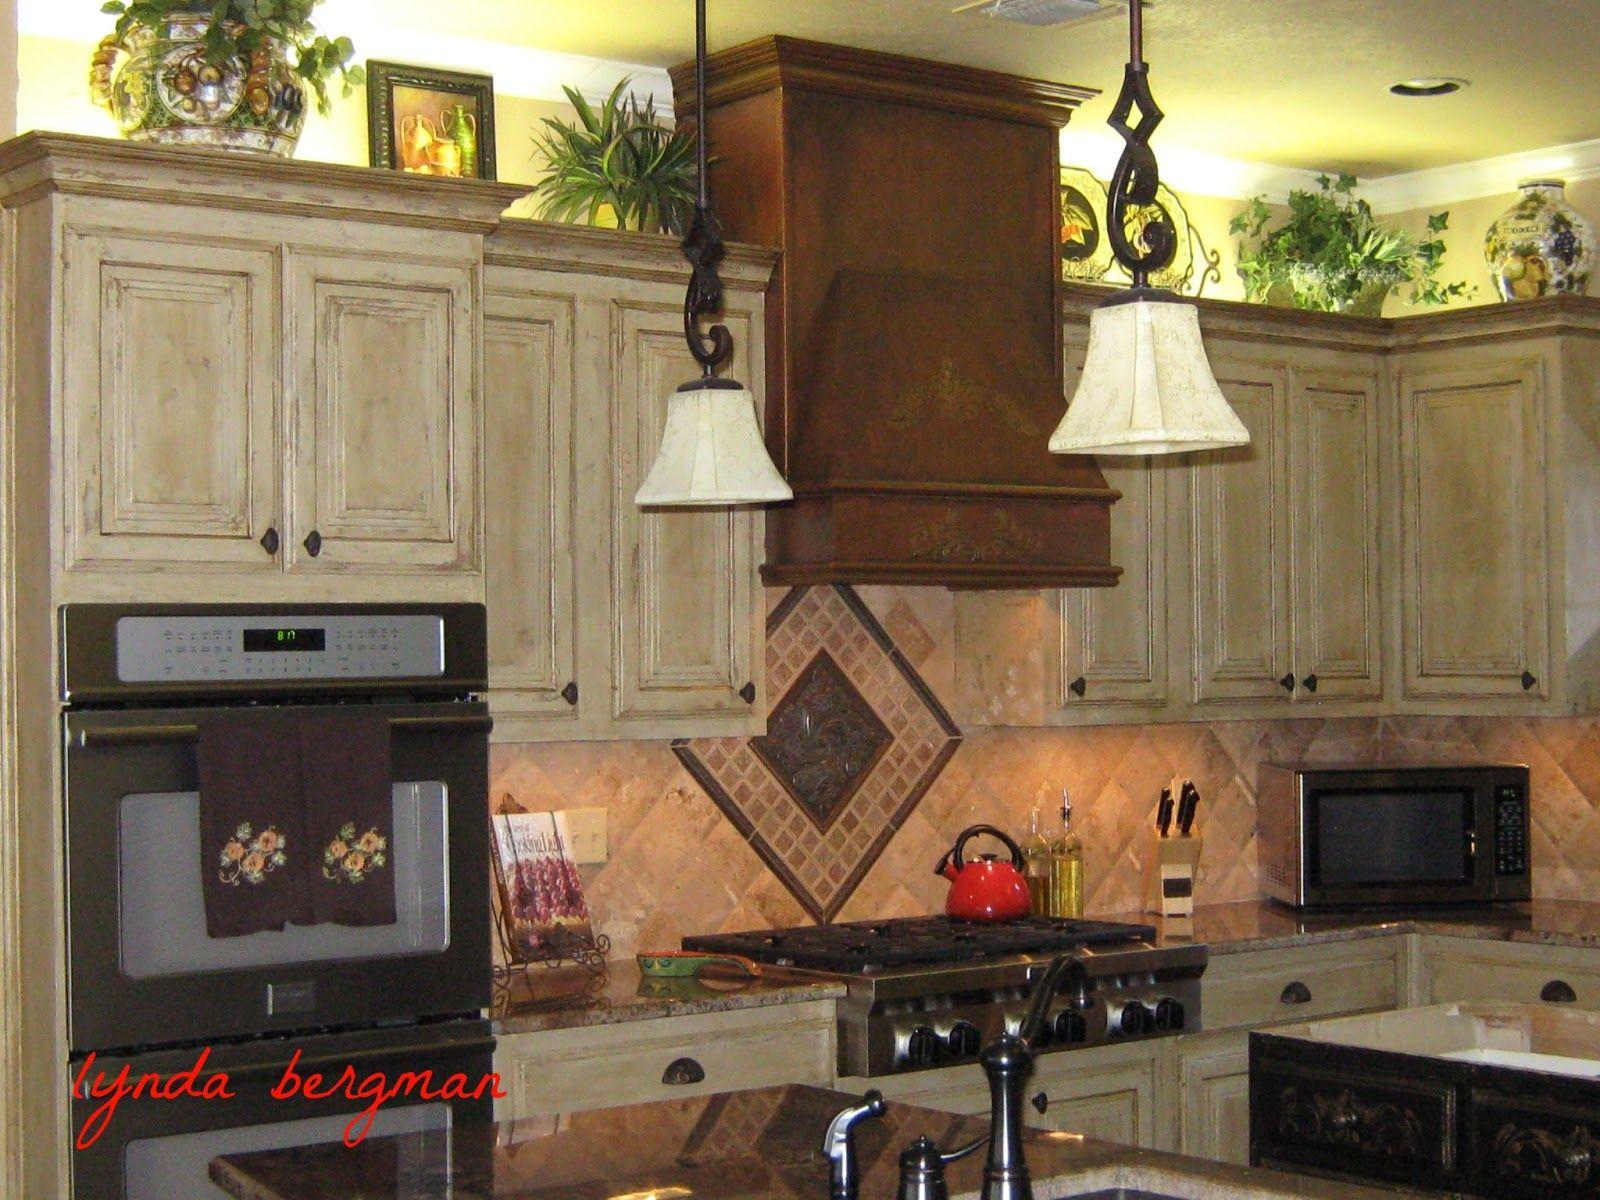 Img 7313water Jpg 1 600 200 Pixels Kitchen Cabinet Interior Decor Furniture